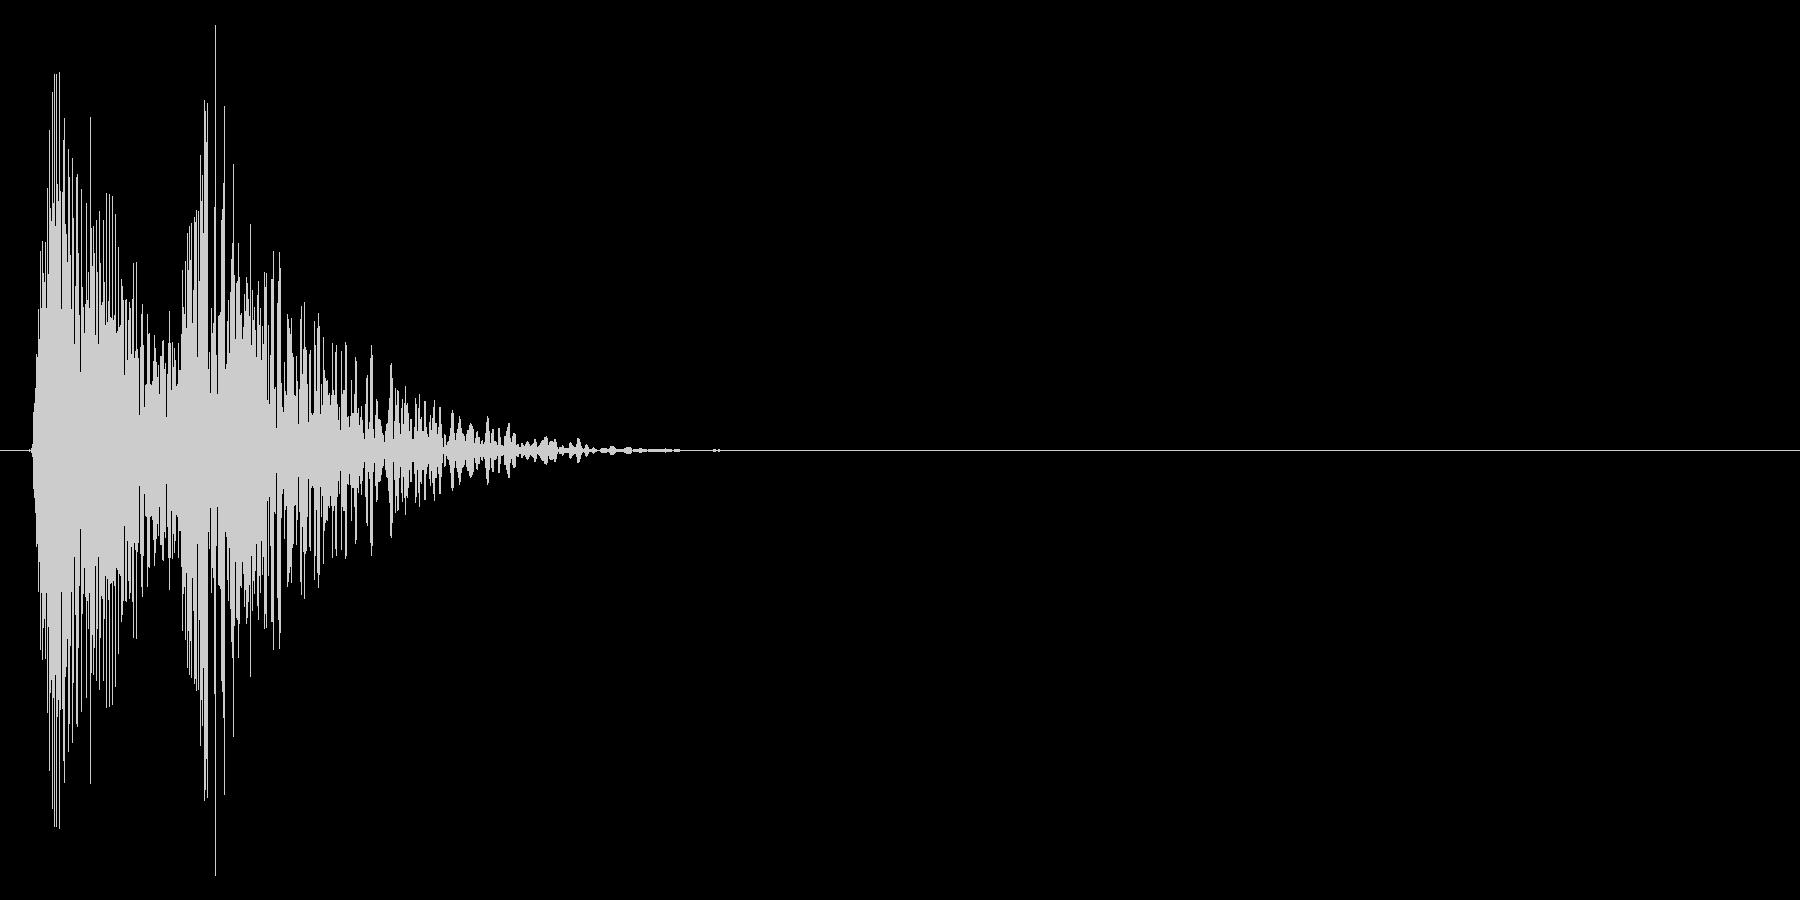 キュルル...(悲しい、涙、感情表現)の未再生の波形